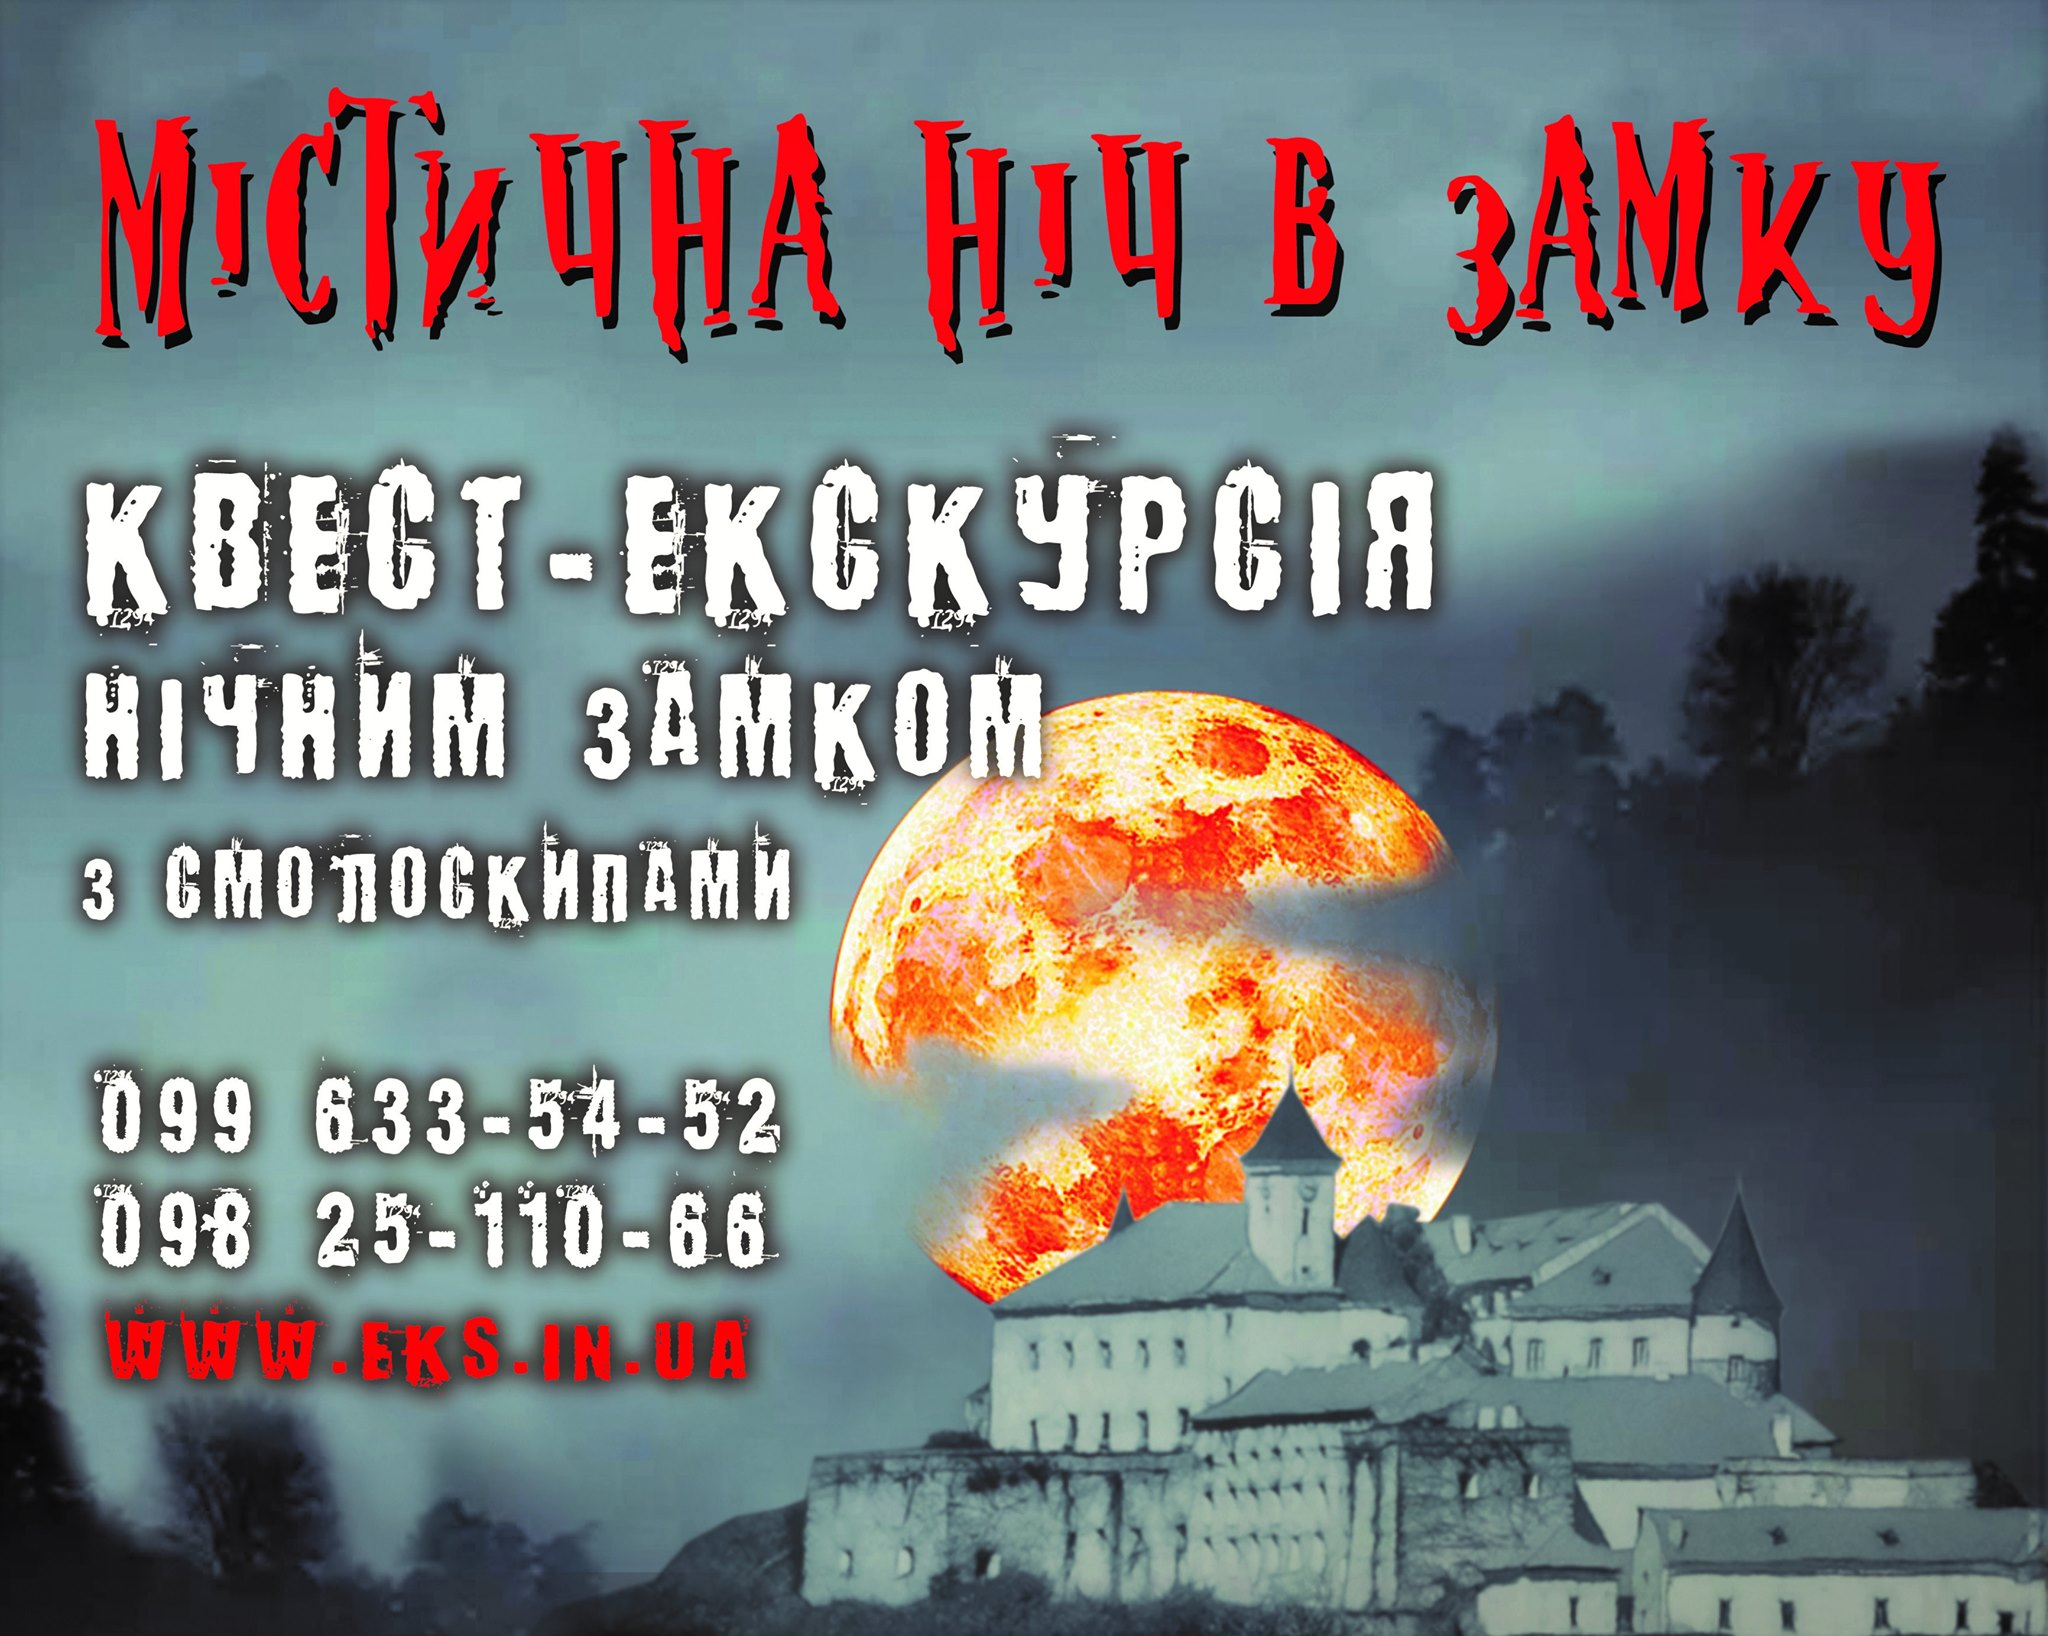 Мистическая ночь в замке – квест экскурсия в Мукачево